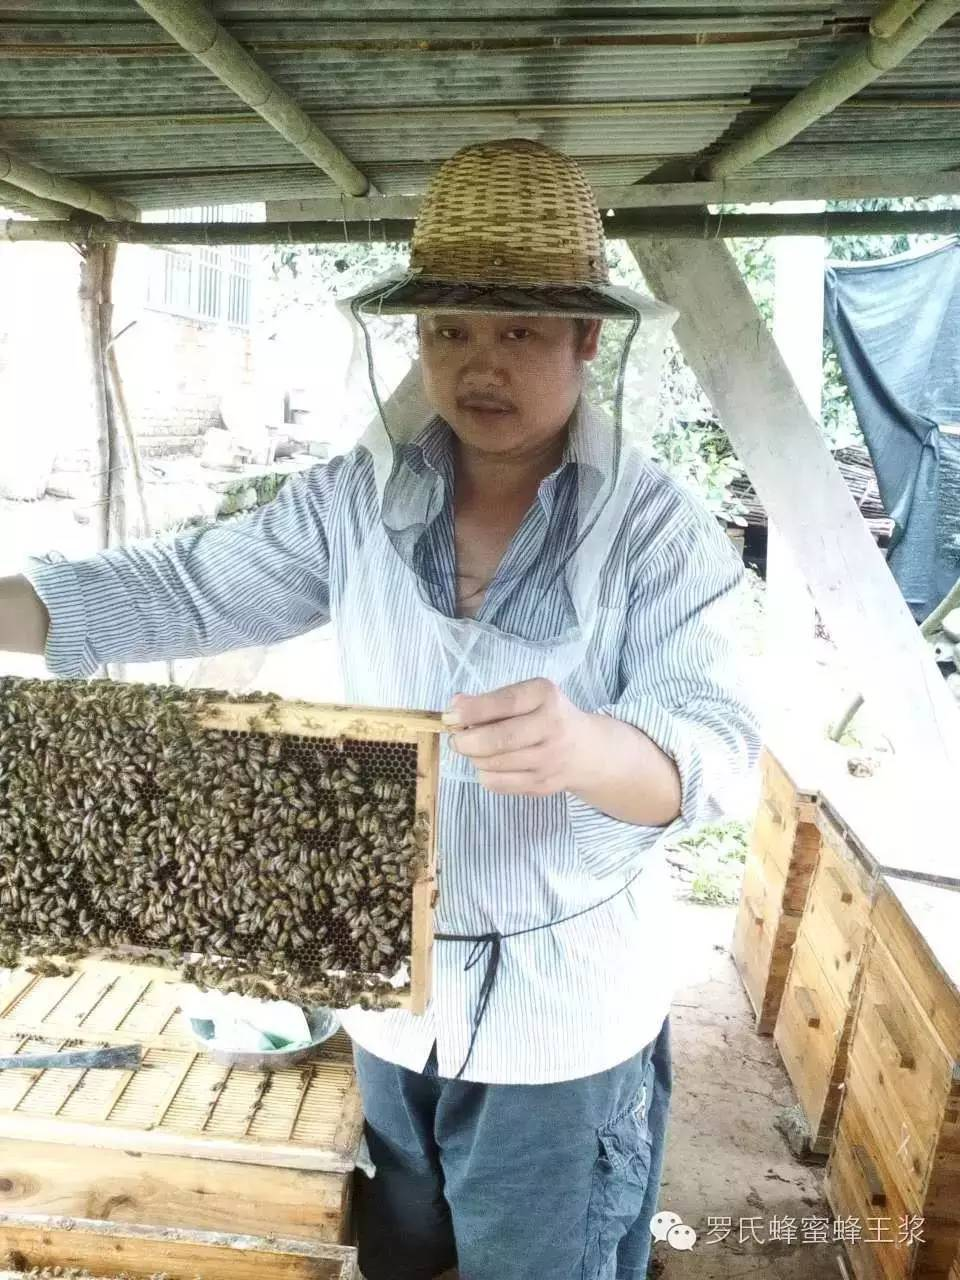 人造蜂蜜设备 土蜂蜜多少钱 尿酸高能不能喝蜂蜜水 食品安全国家标准蜂蜜 塑料蜂蜜罐